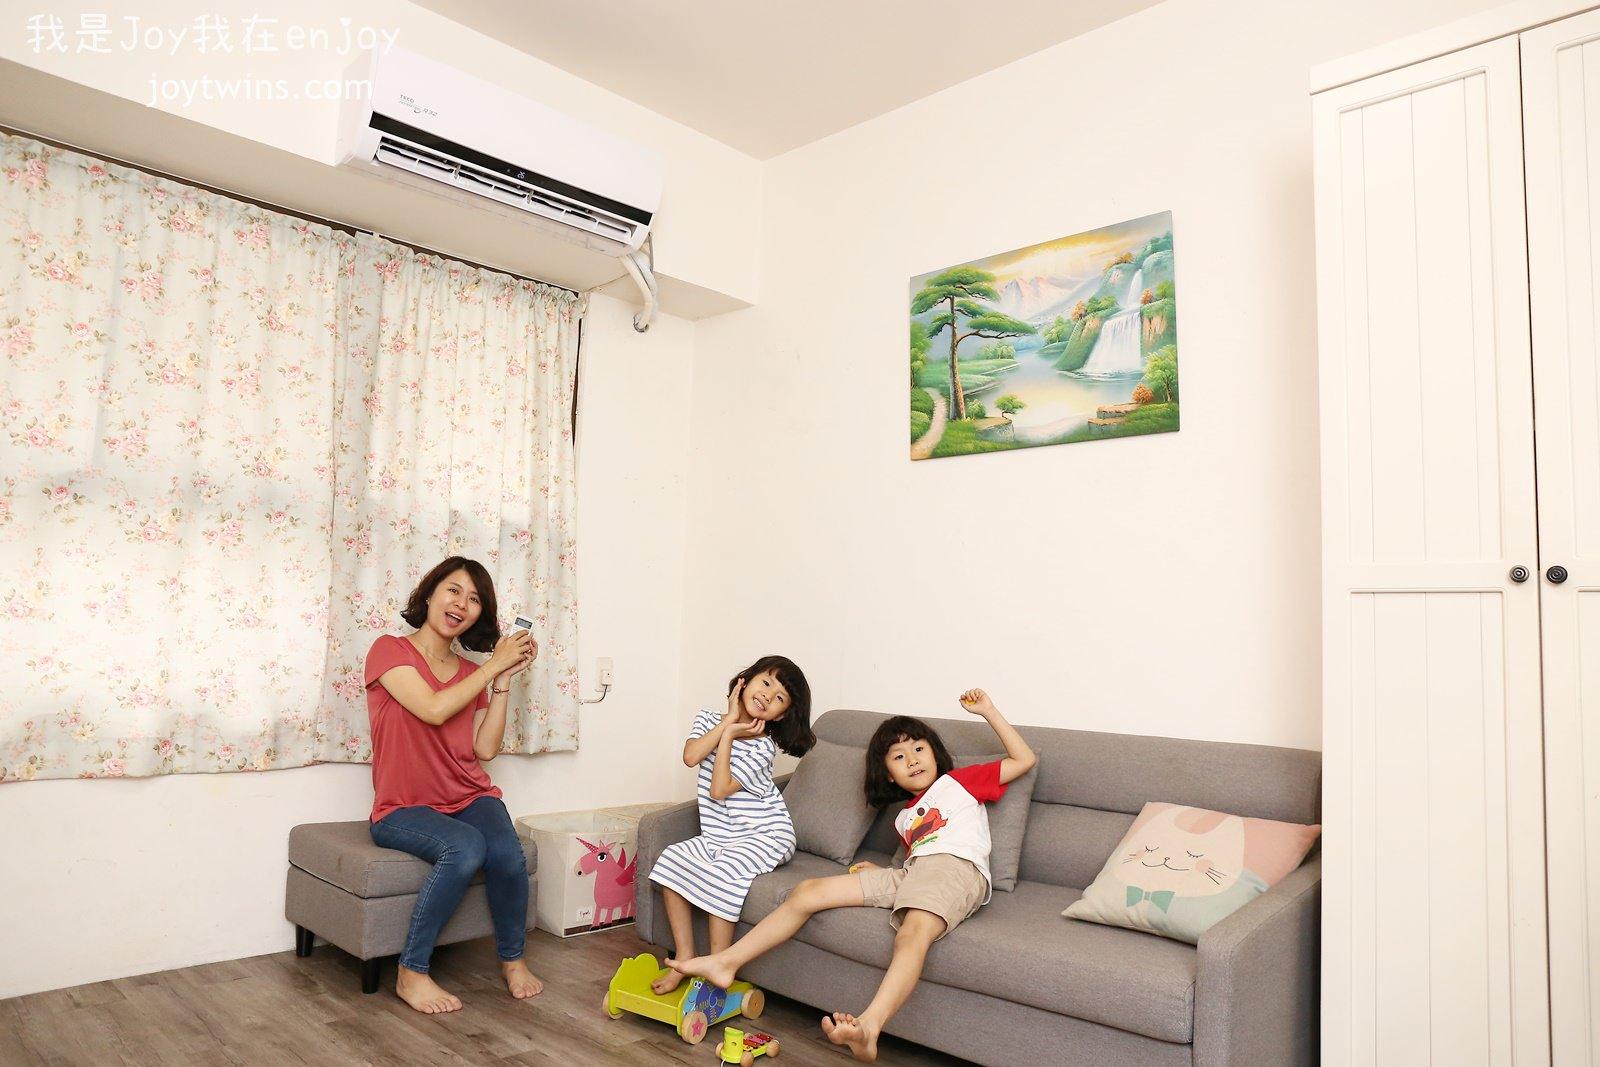 【家電】TECO東元 R32一級變頻分離式空調 安靜省電環保 健康吹就靠這台啦!